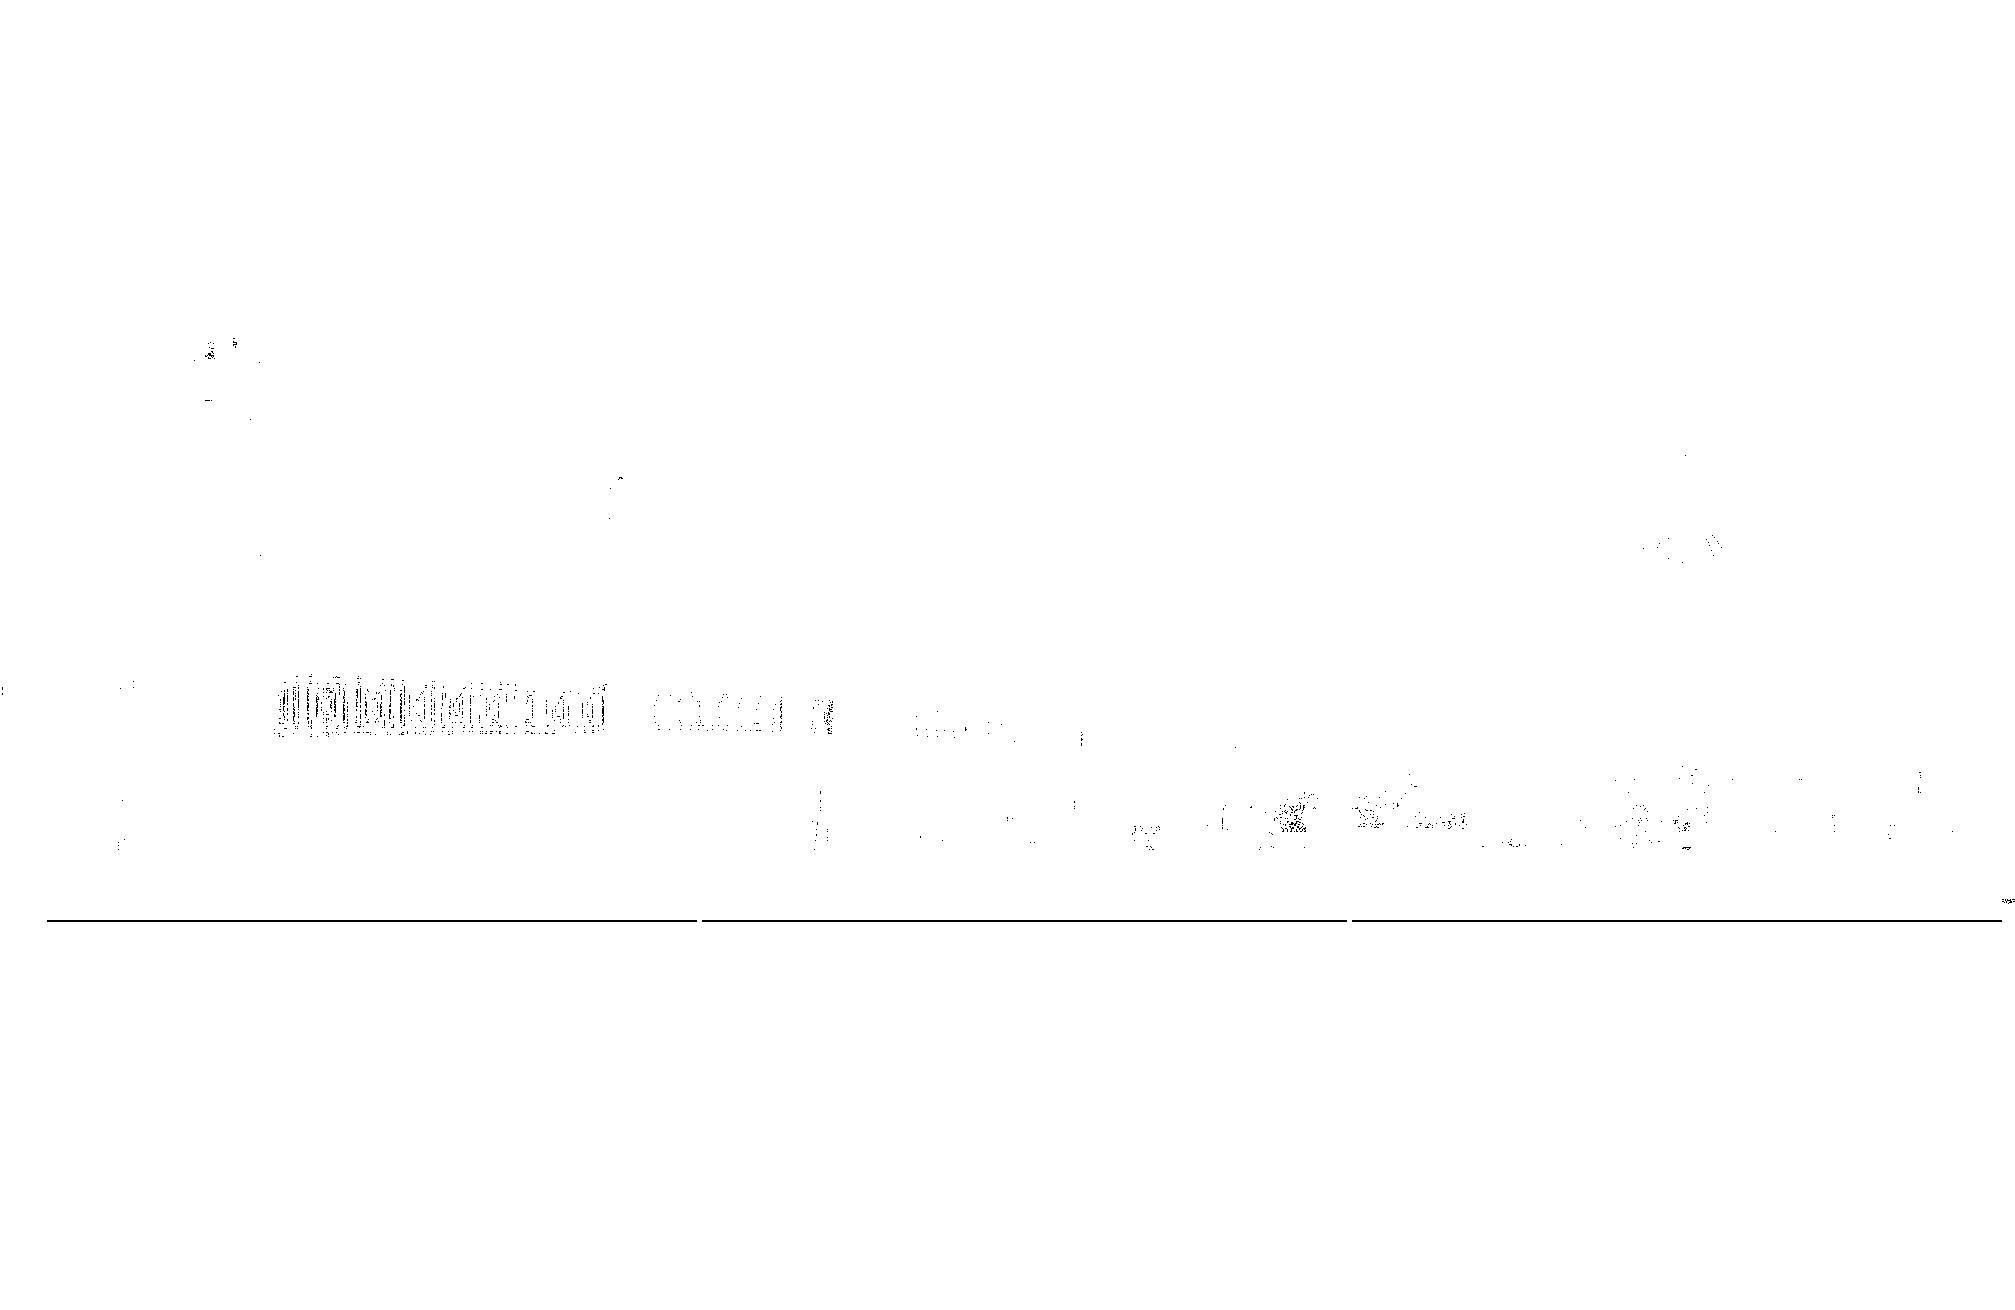 Météo Toulouse: Prévisions du mardi 13 avril 2021